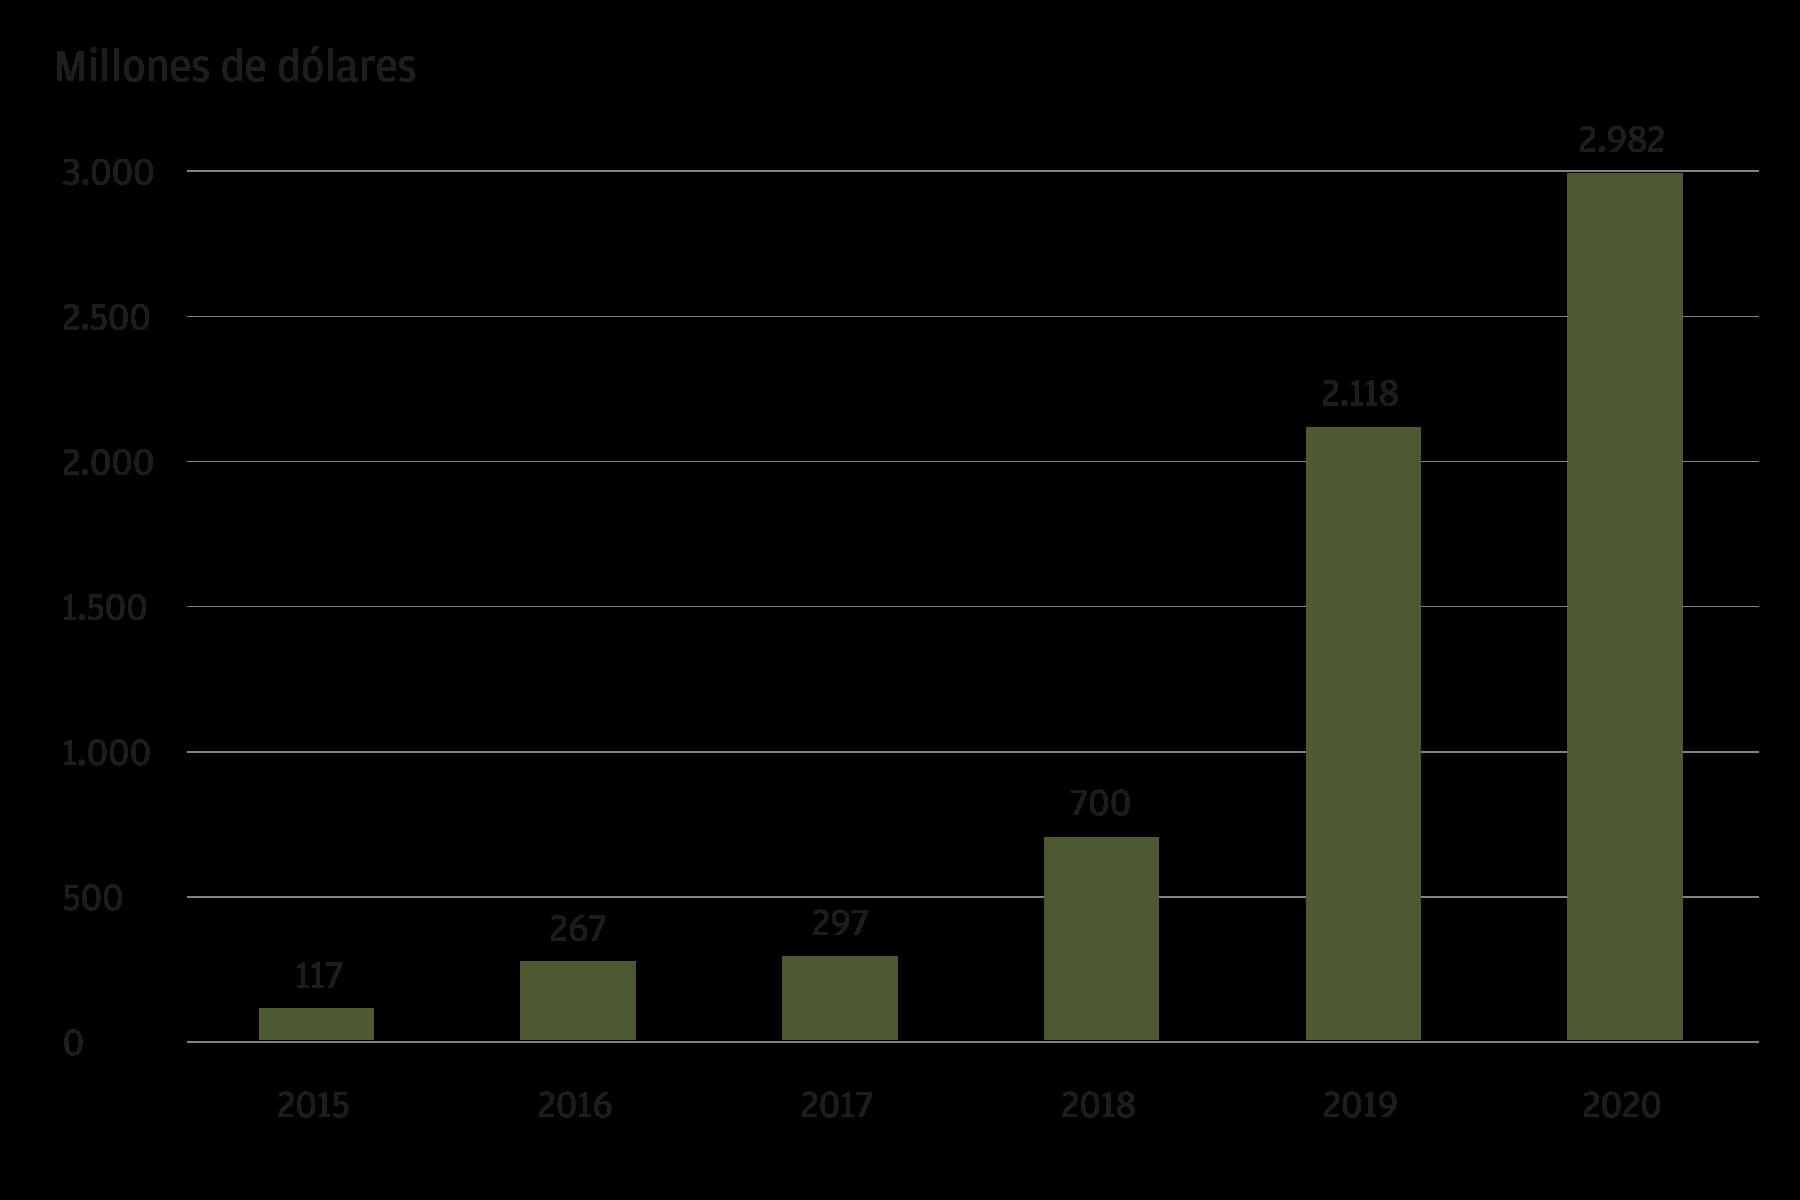 Este gráfico muestra la financiación anual de las fintech de Latinoamérica entre 2015 y 2020, en millones de dólares estadounidenses. La financiación de las fintech se incrementado cada año desde 2015. En 2015, su importe ascendía a 117 millones. El año más reciente incluido en el gráfico es 2020, con 2.982 millones de dólares de financiación.